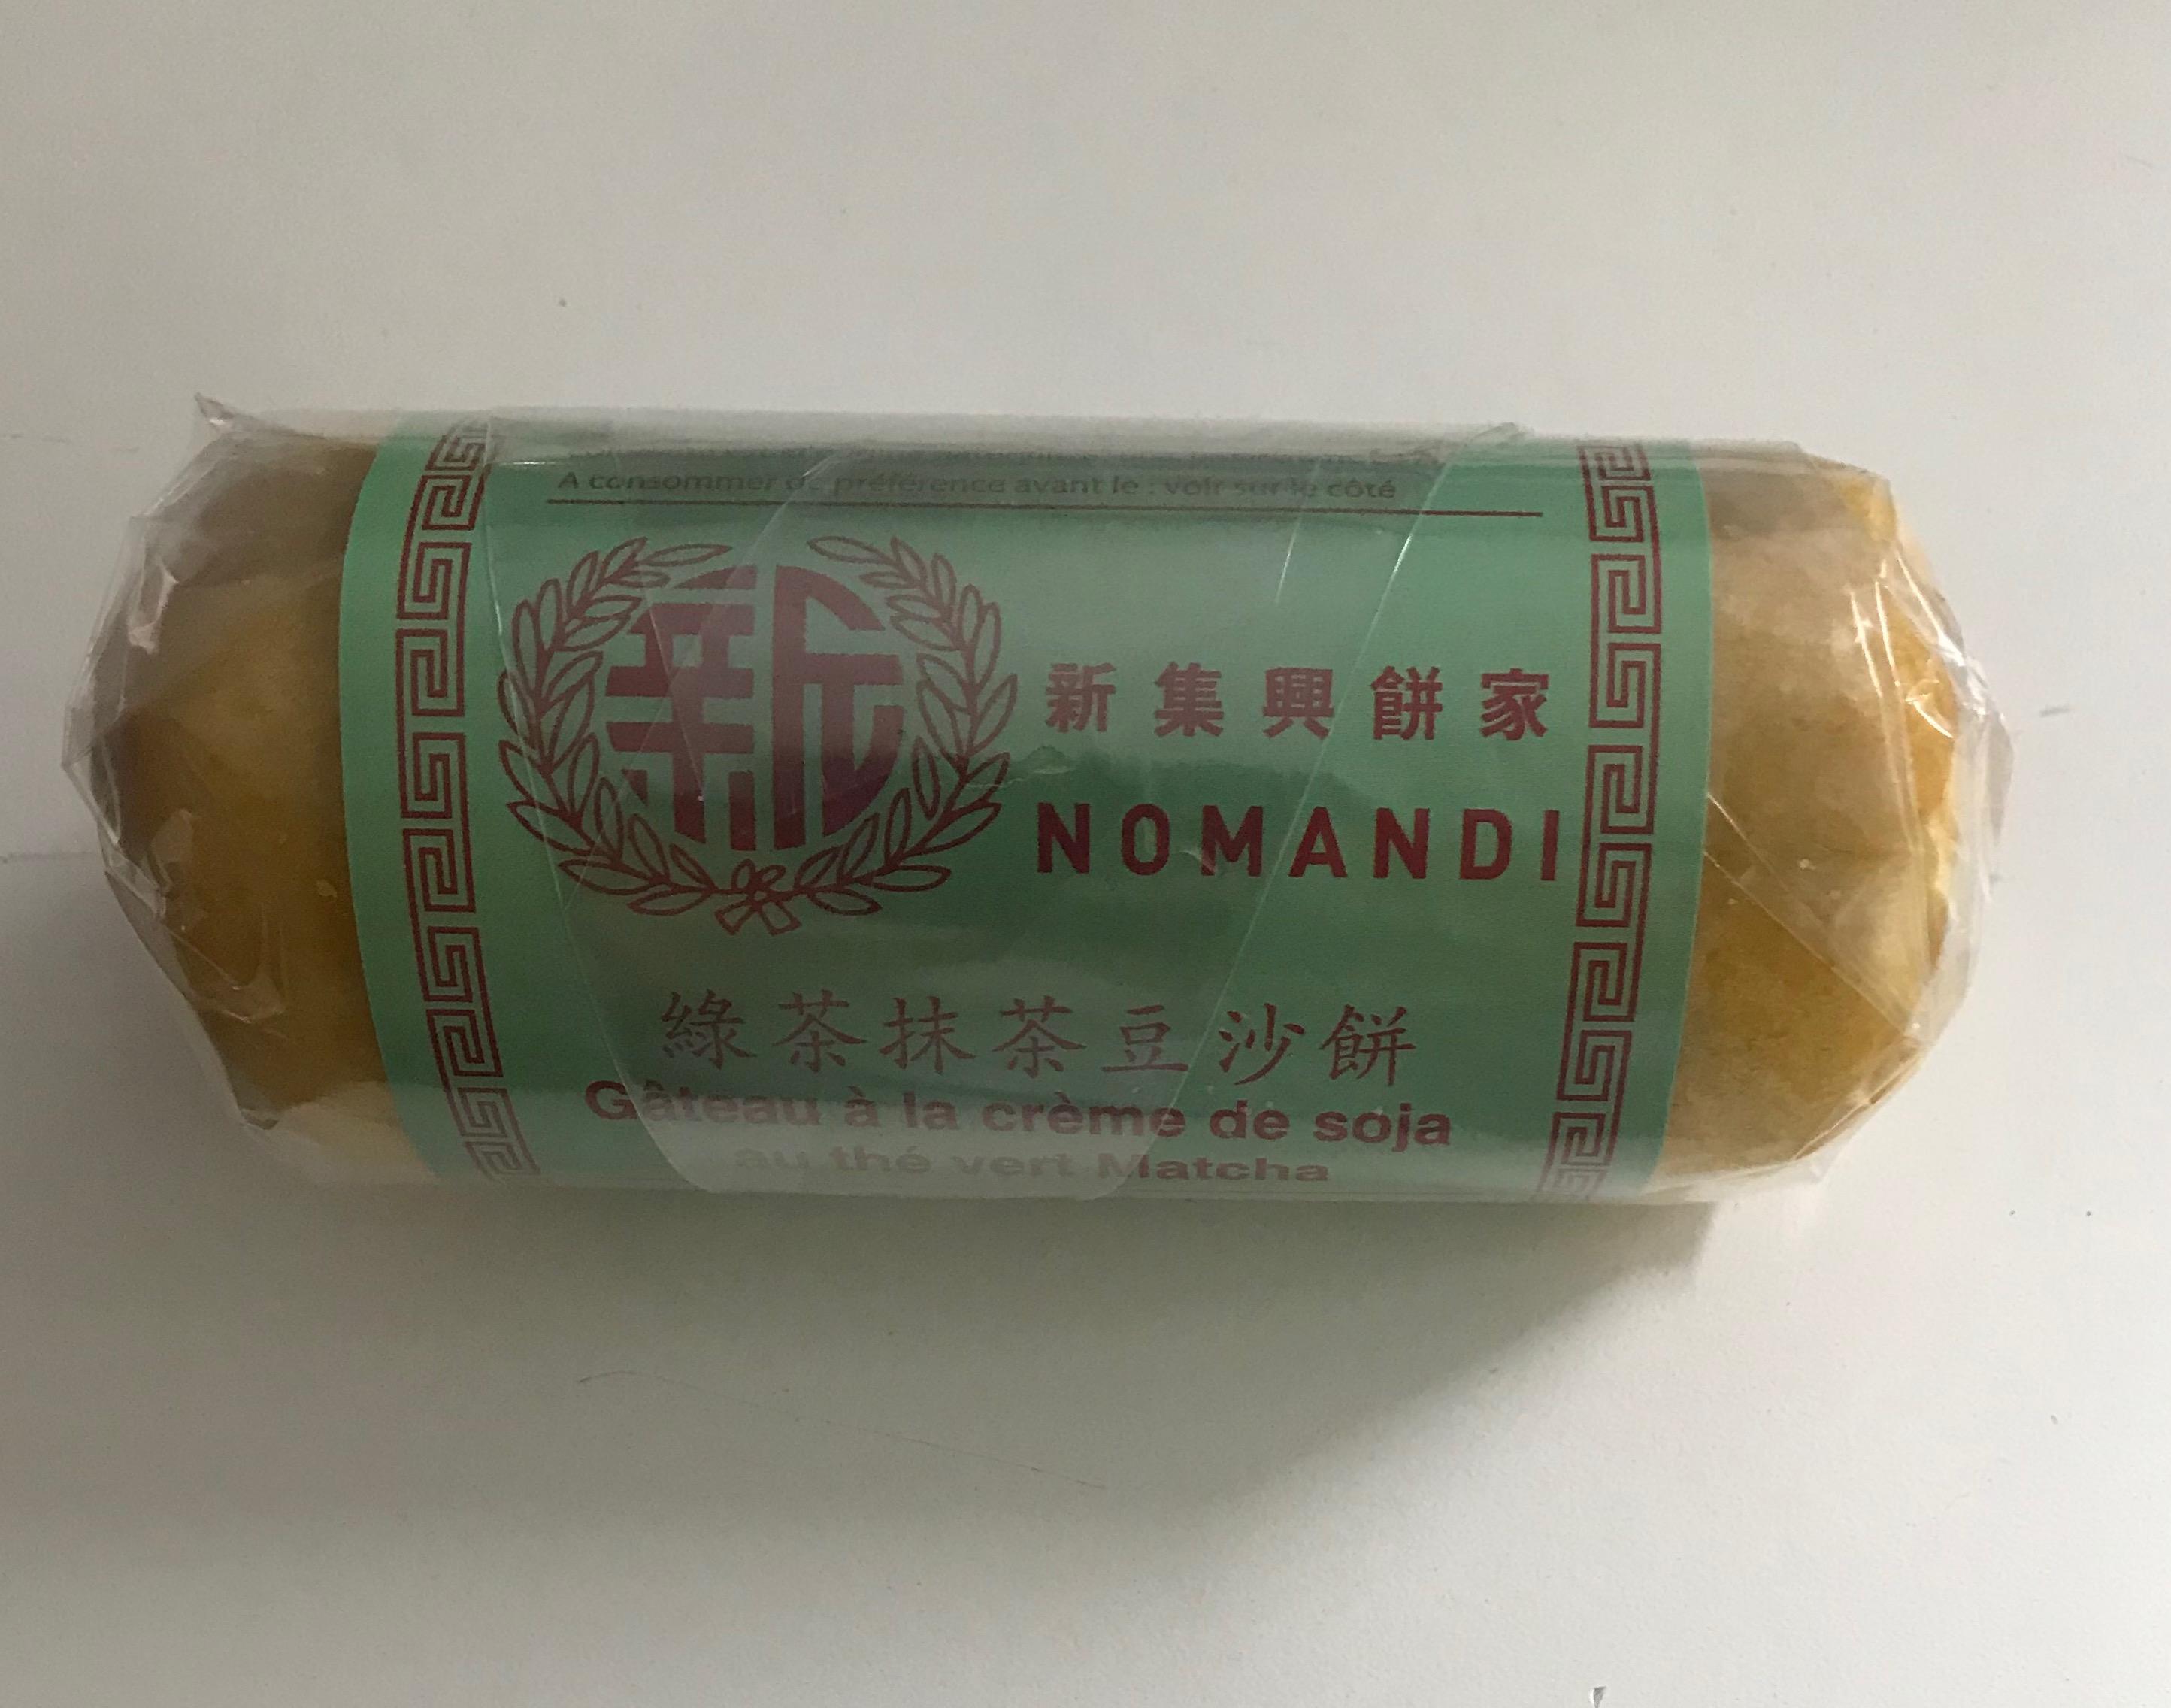 Gateau à la crème de soja au thé vert matcha, Nomandi (190 g)